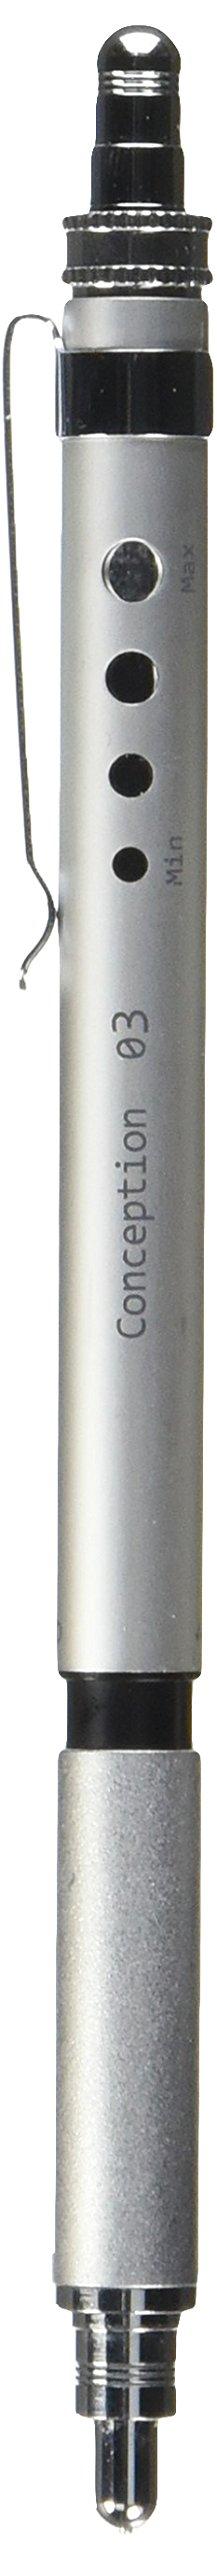 Ohto lápiz mecánico Concepción 0,3mm plata...